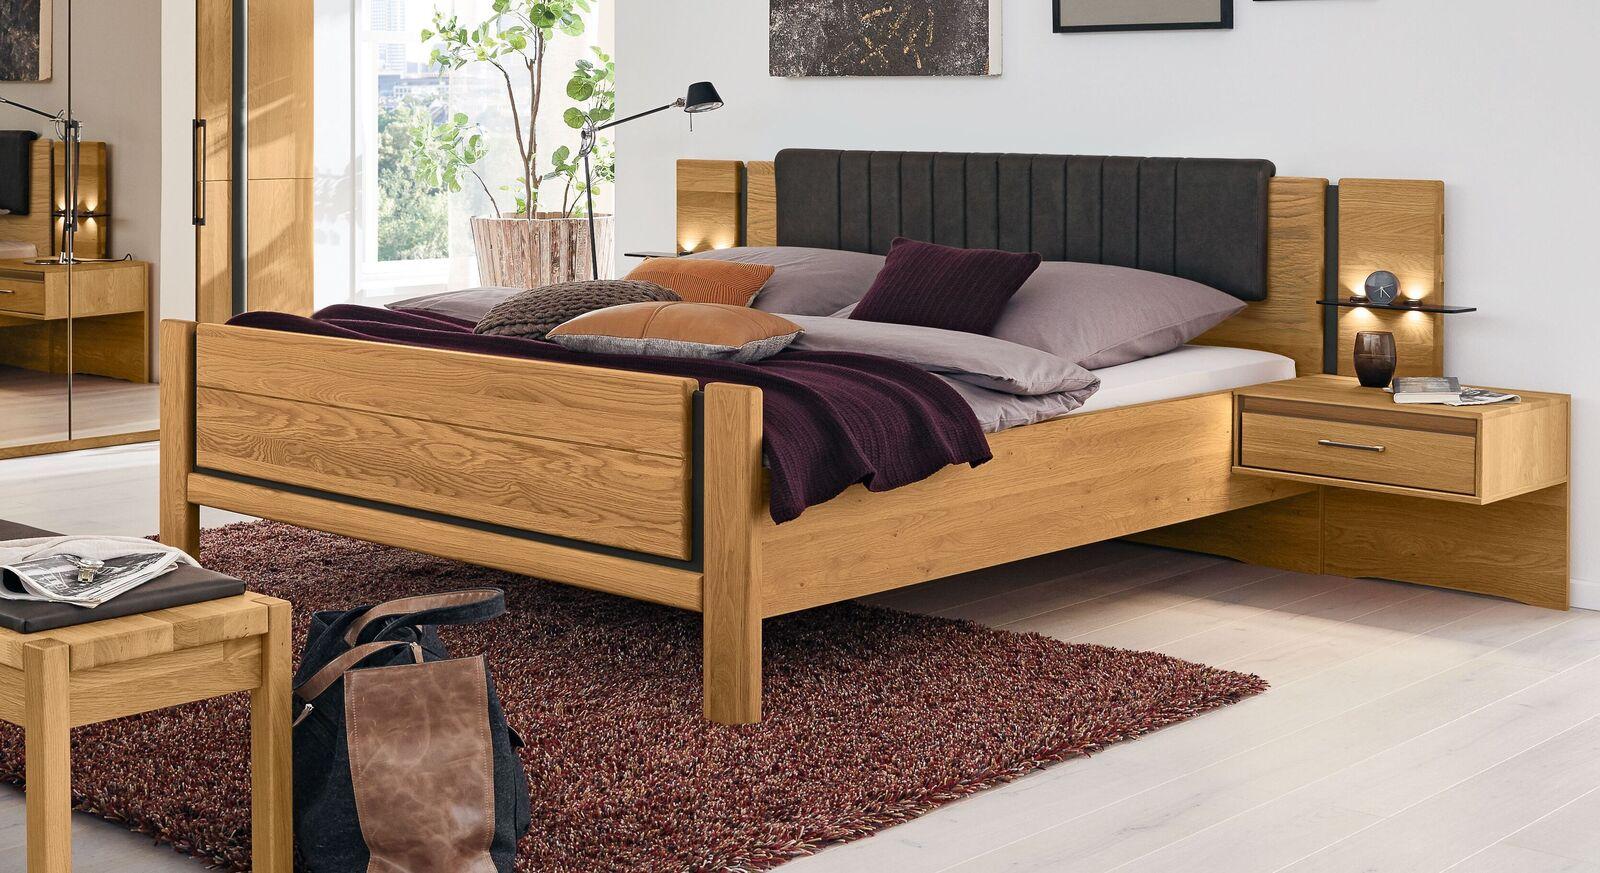 MUSTERRING Schlafzimmer Sorrent 4-tlg. mit Falttüren-Kleiderschrank und Komfortbett